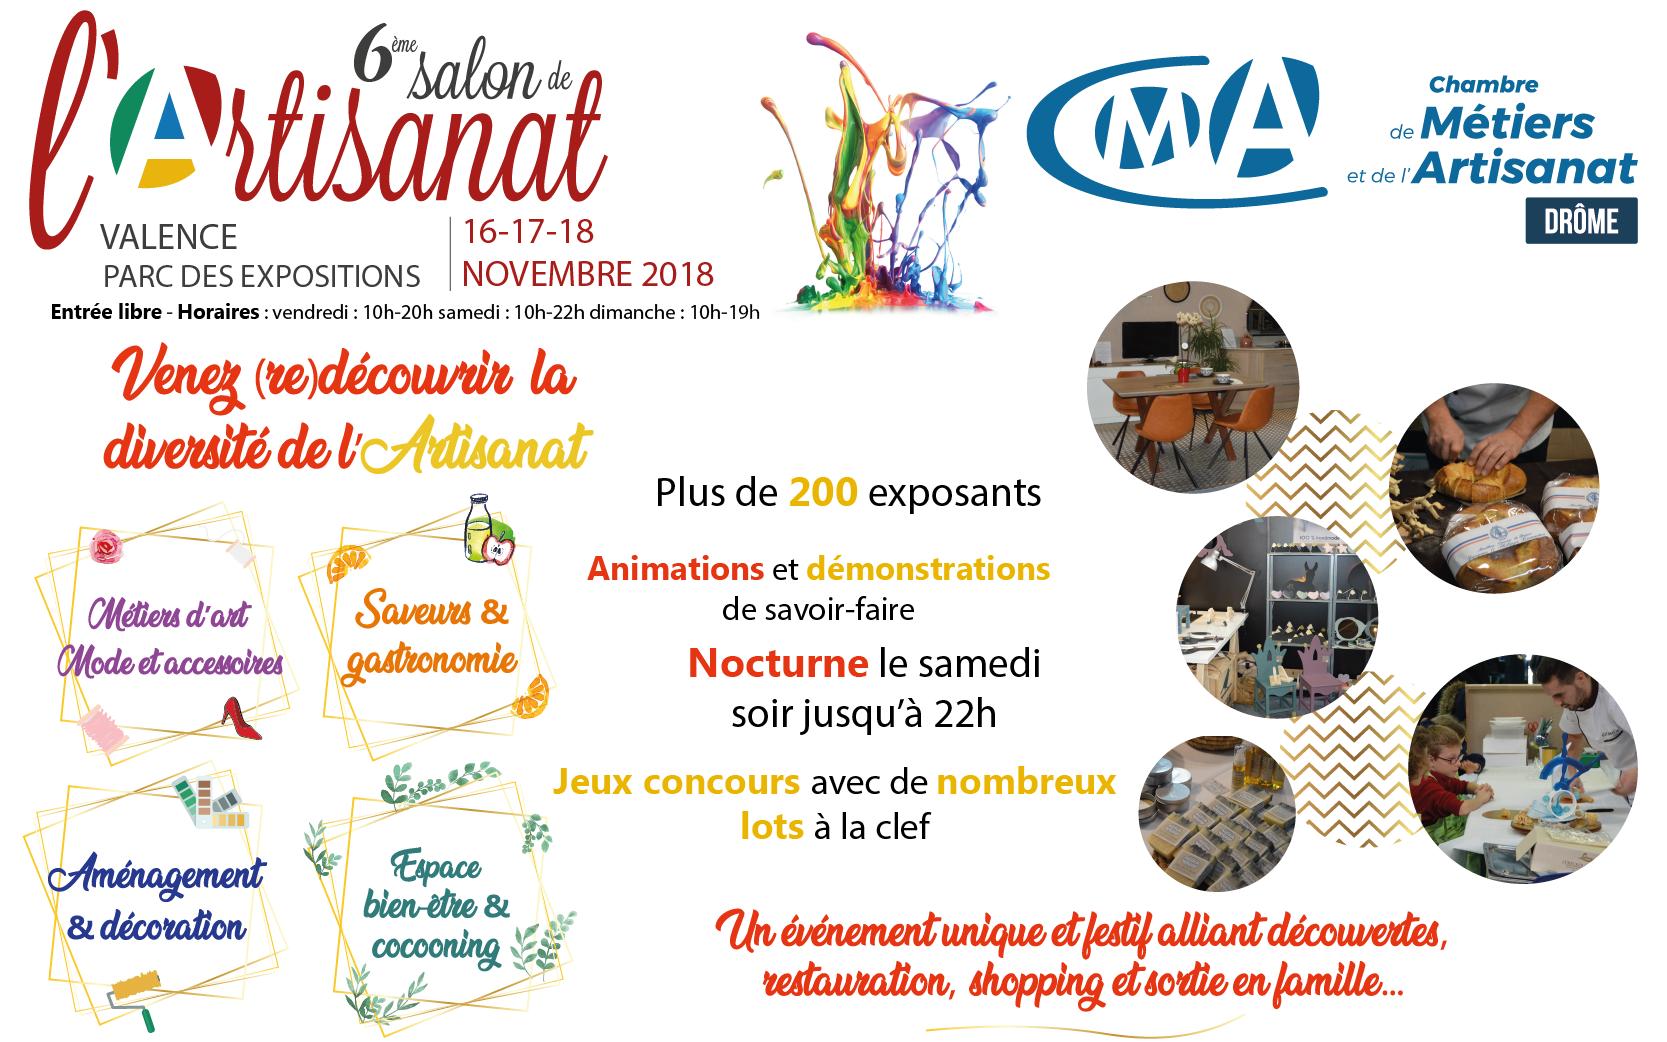 """Résultat de recherche d'images pour """"salon de l'artisanat valence 2018"""""""